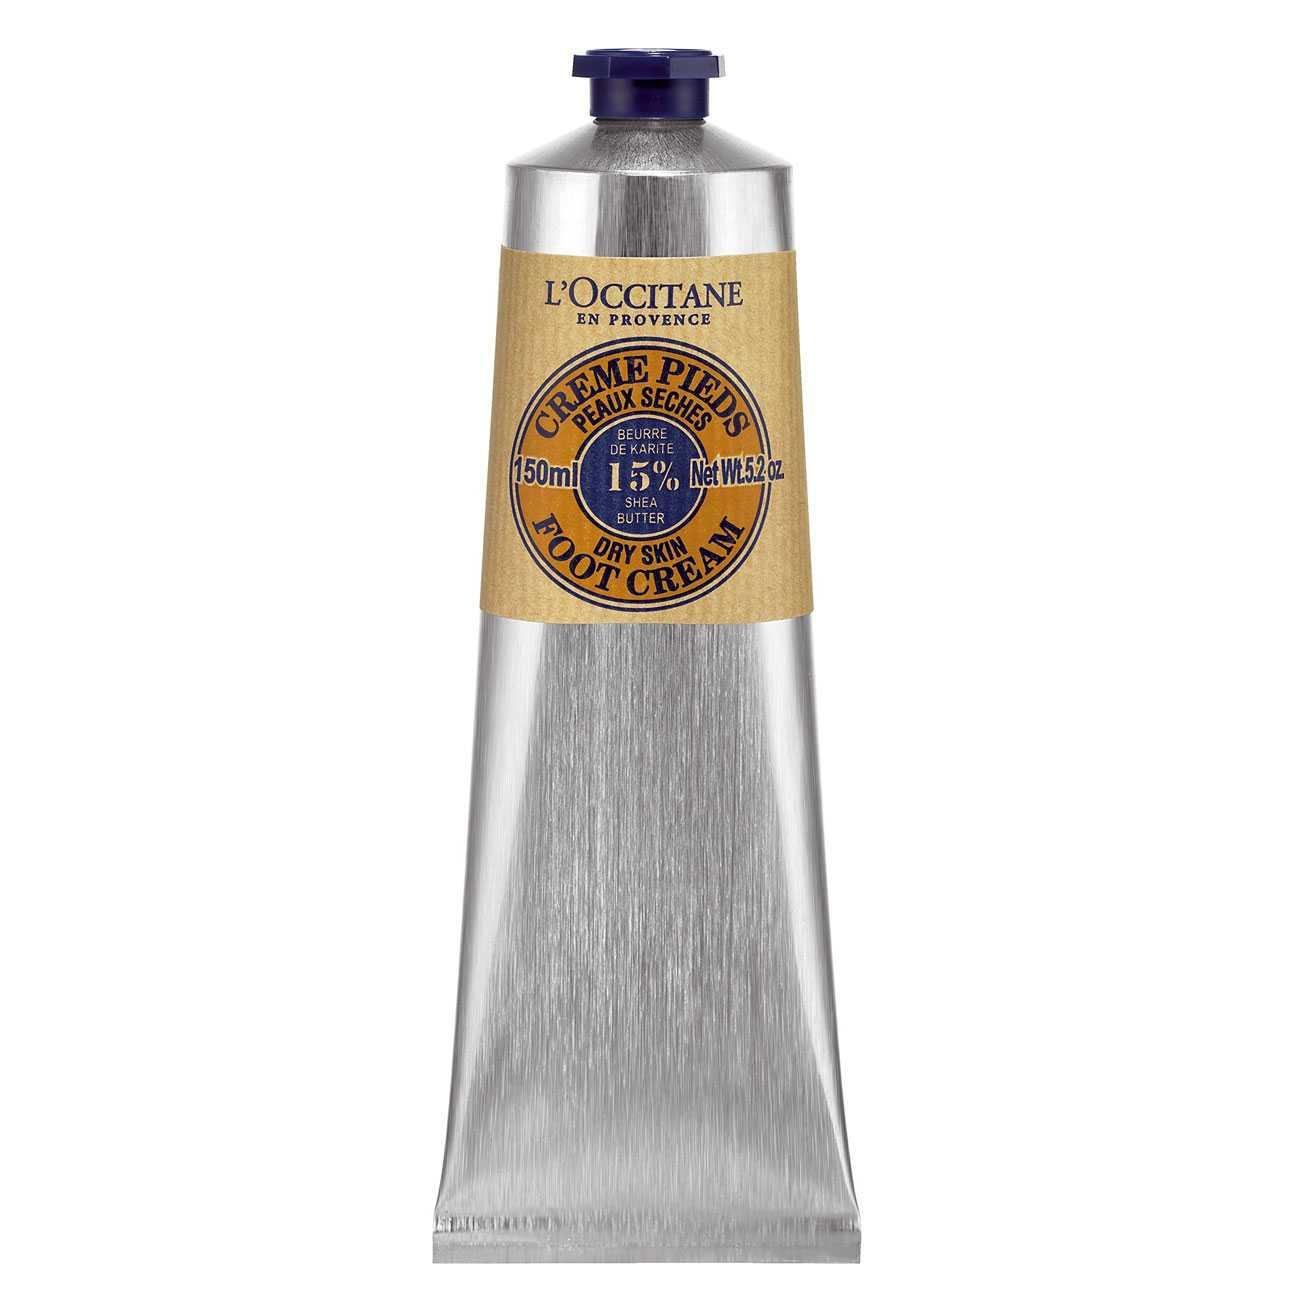 Shea Butter Foot Cream 150 Ml L`Occitane en Provence imagine 2021 bestvalue.eu